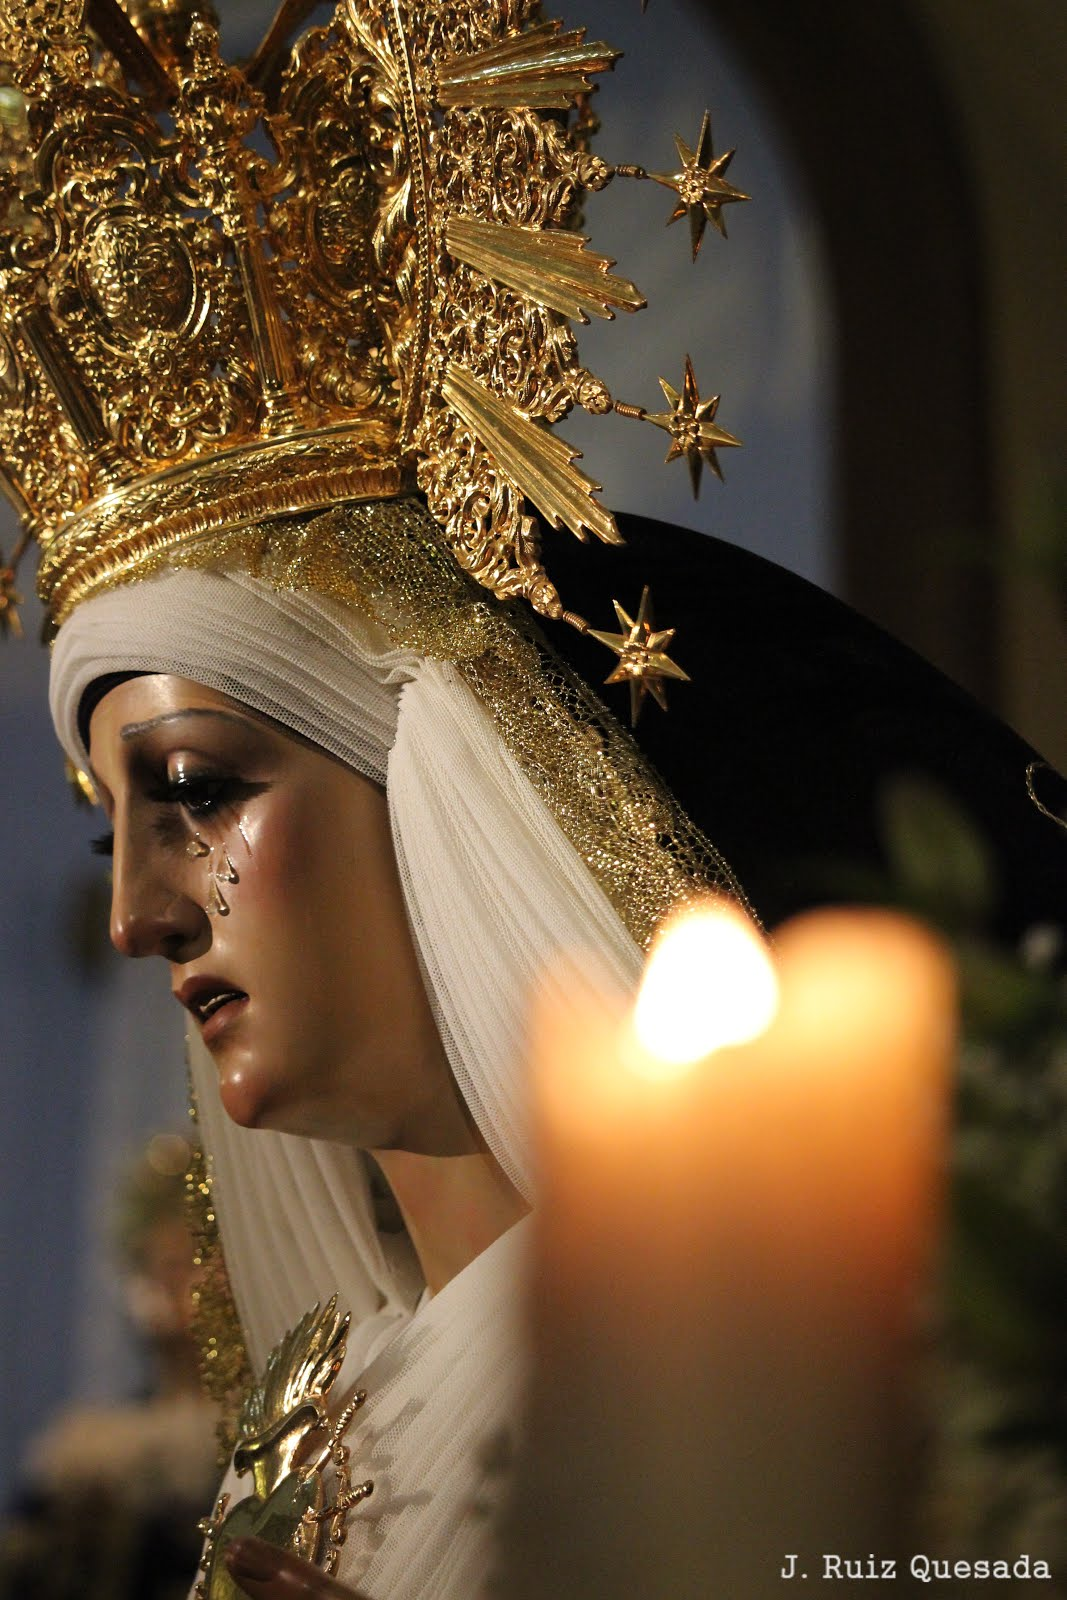 La Soledad, Reina de Úbeda